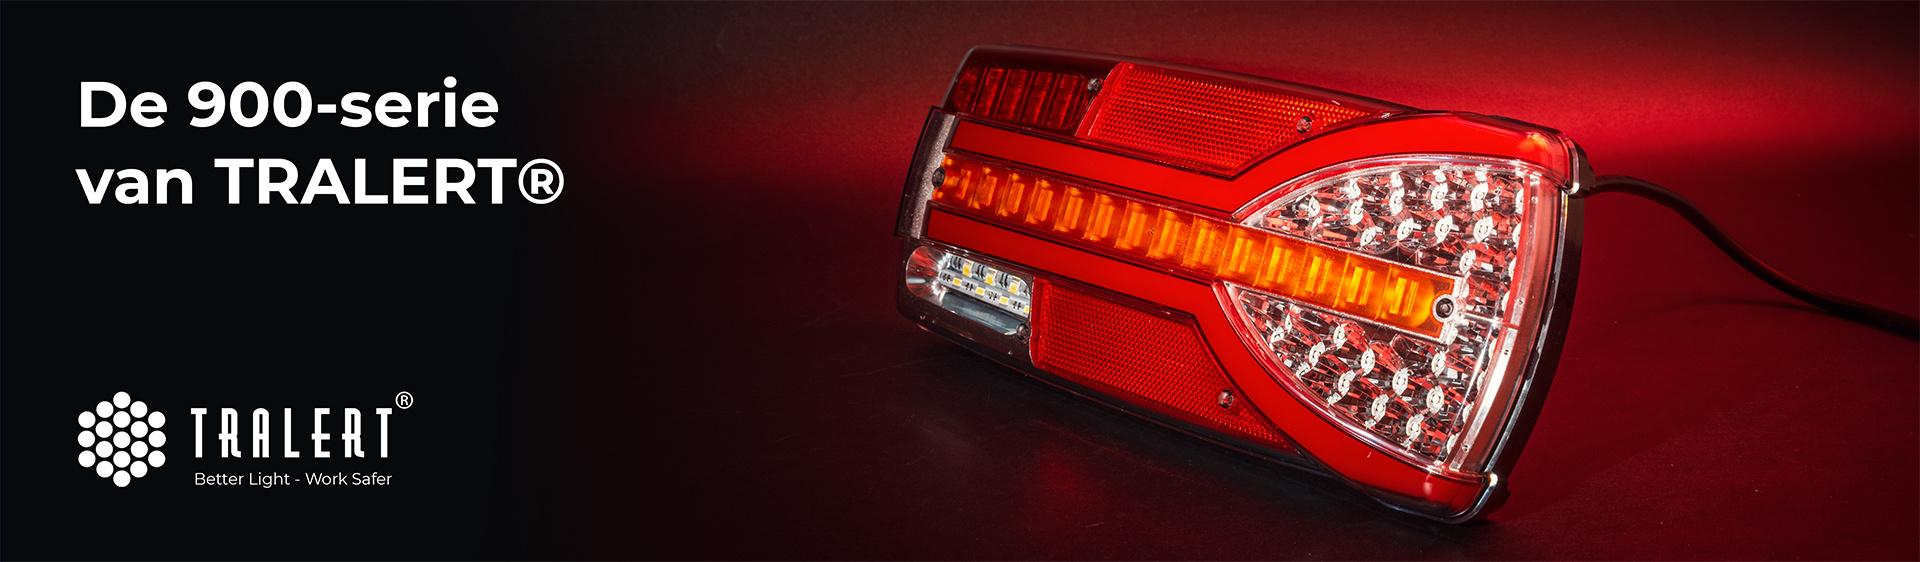 Tralert 900 serie LED achterlichten